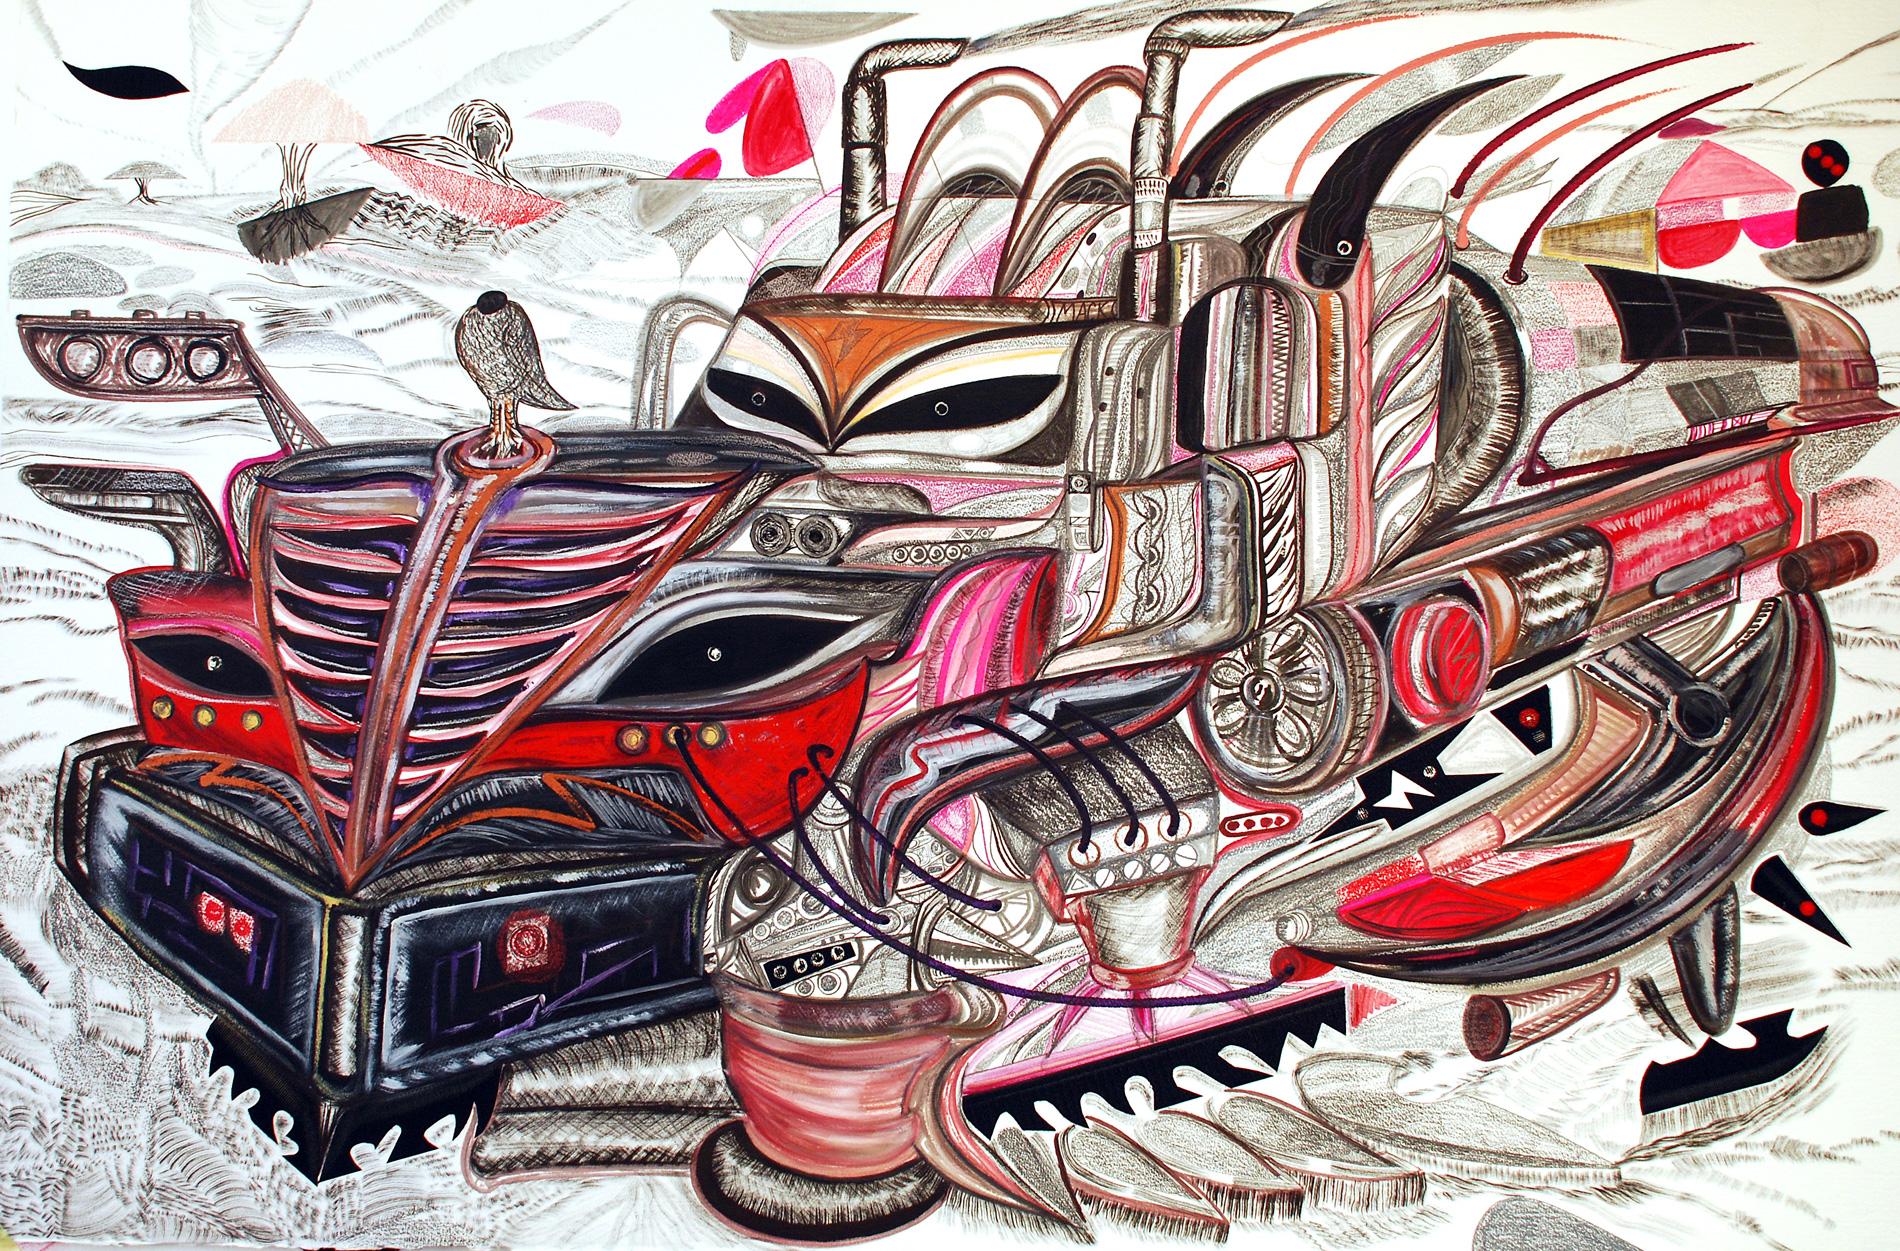 Abdul Vas. Cucarachon Patticcas 6670-Lonestar-Navistar, 2009